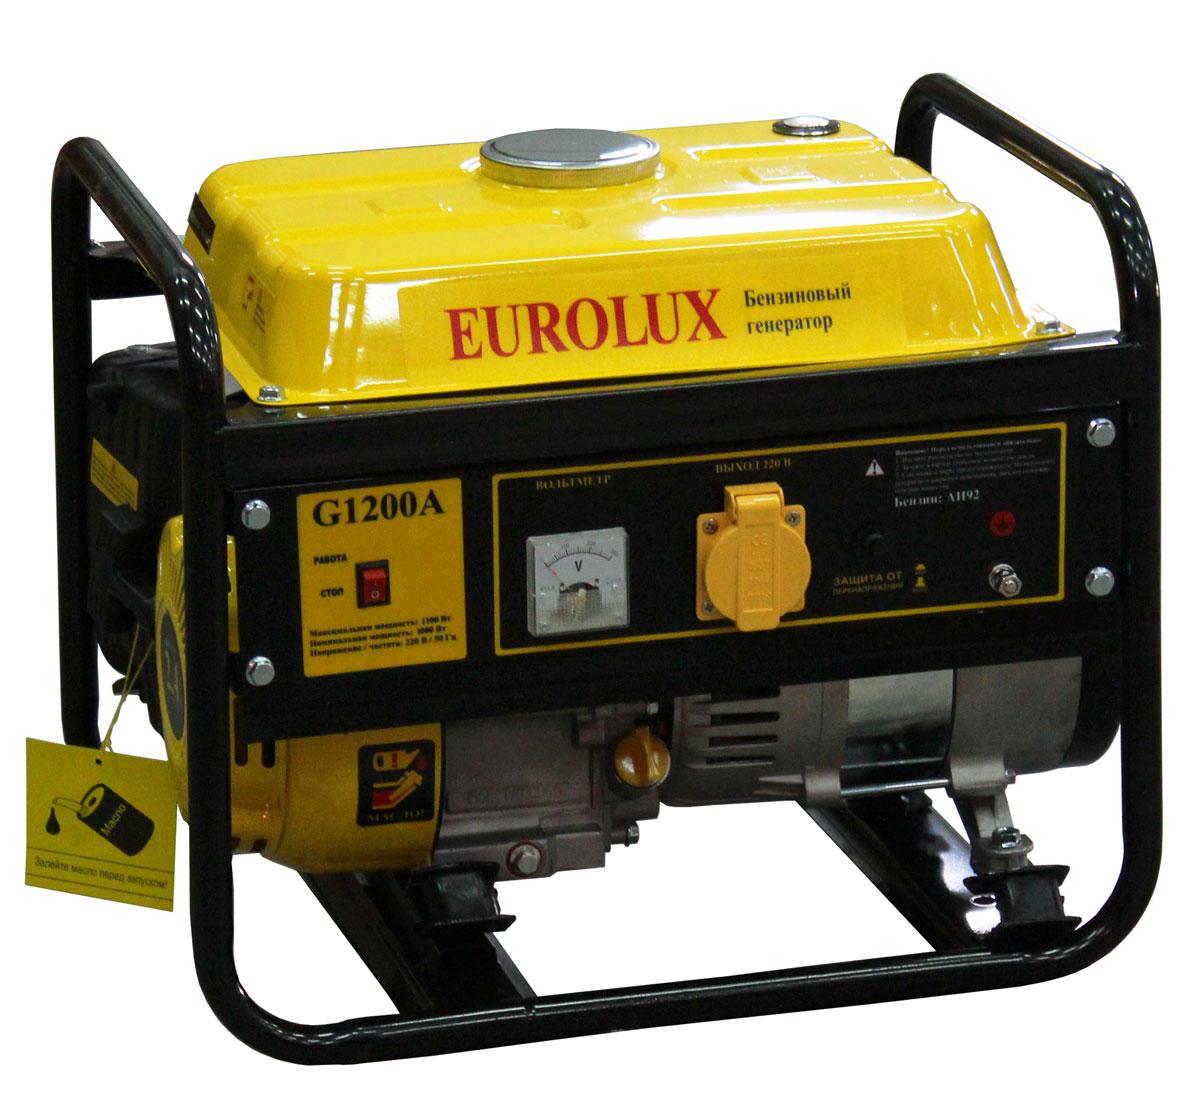 Электрогенератор Eurolux  G1200A  - Садовая техника